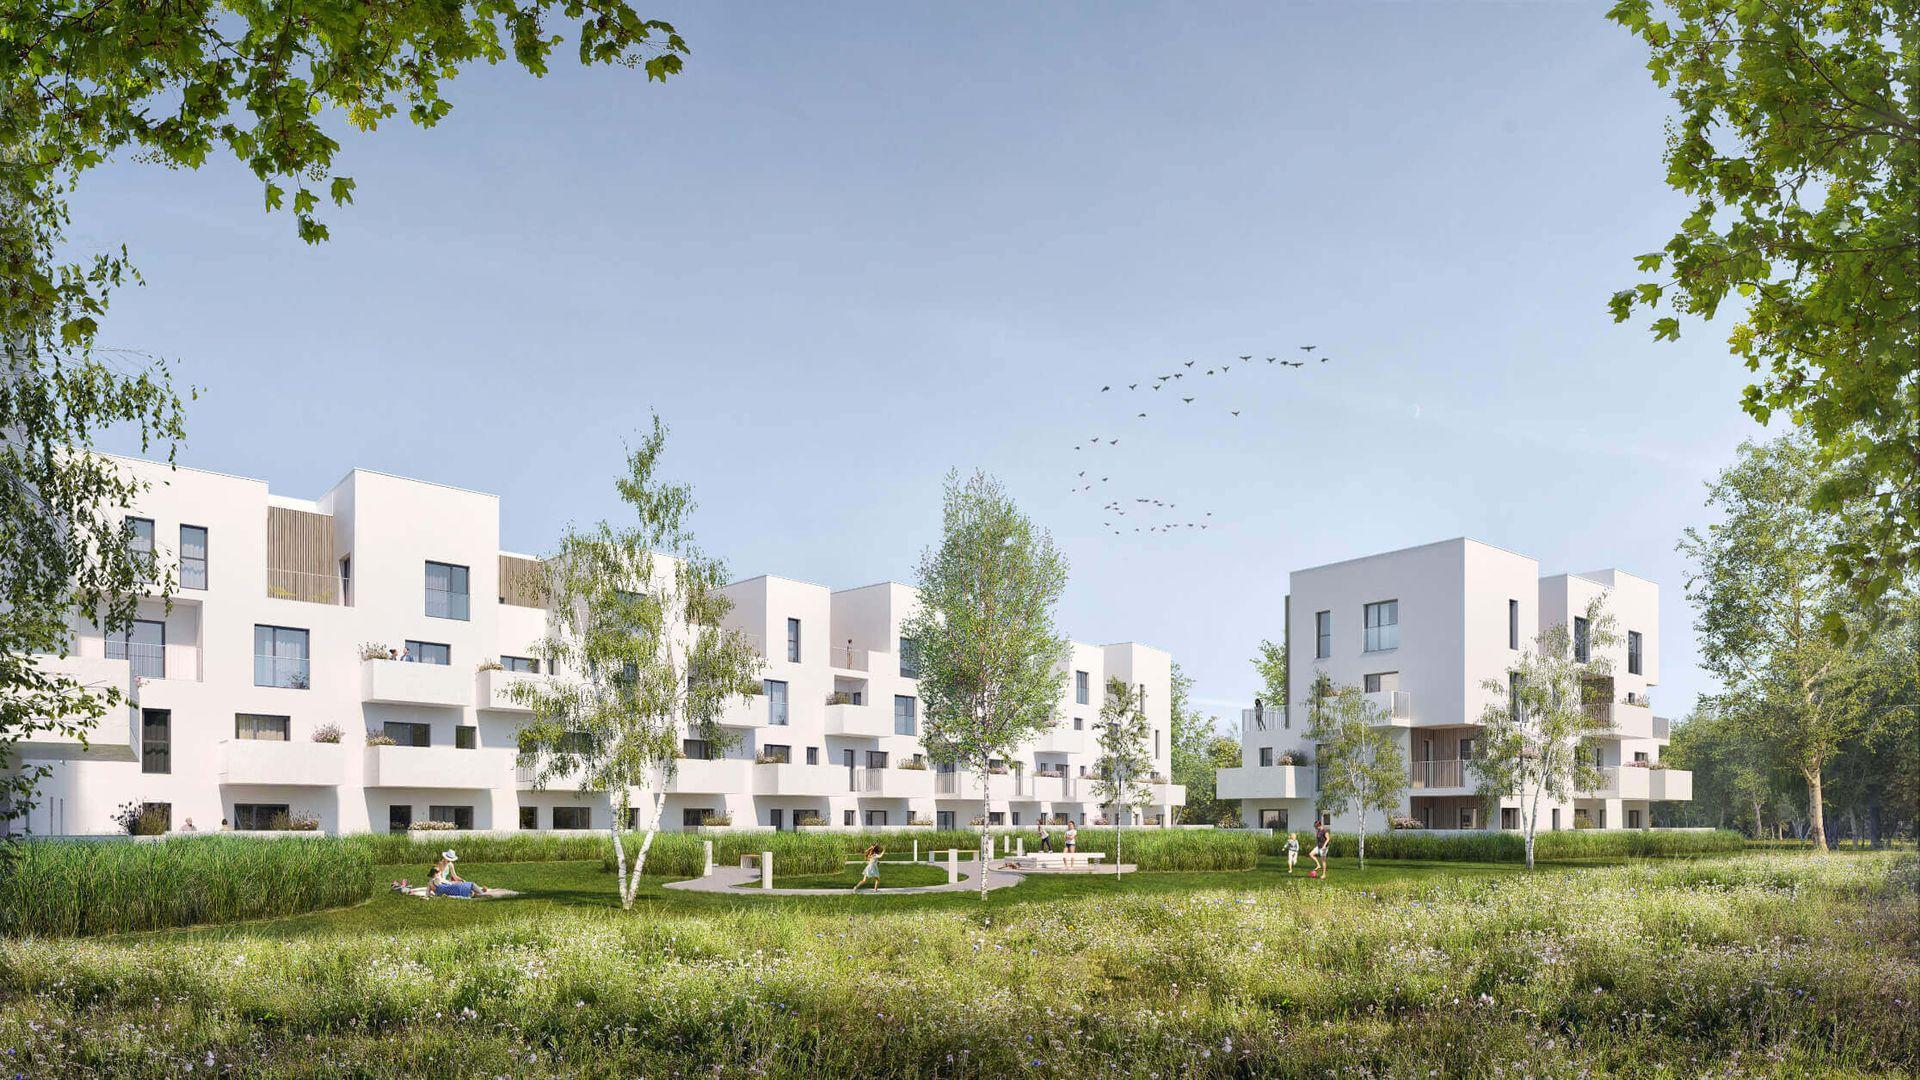 Wrocław: Niemiecki deweloper podaje szczegóły osiedla na Wielkiej Wyspie. Zbuduje prawie 300 mieszkań